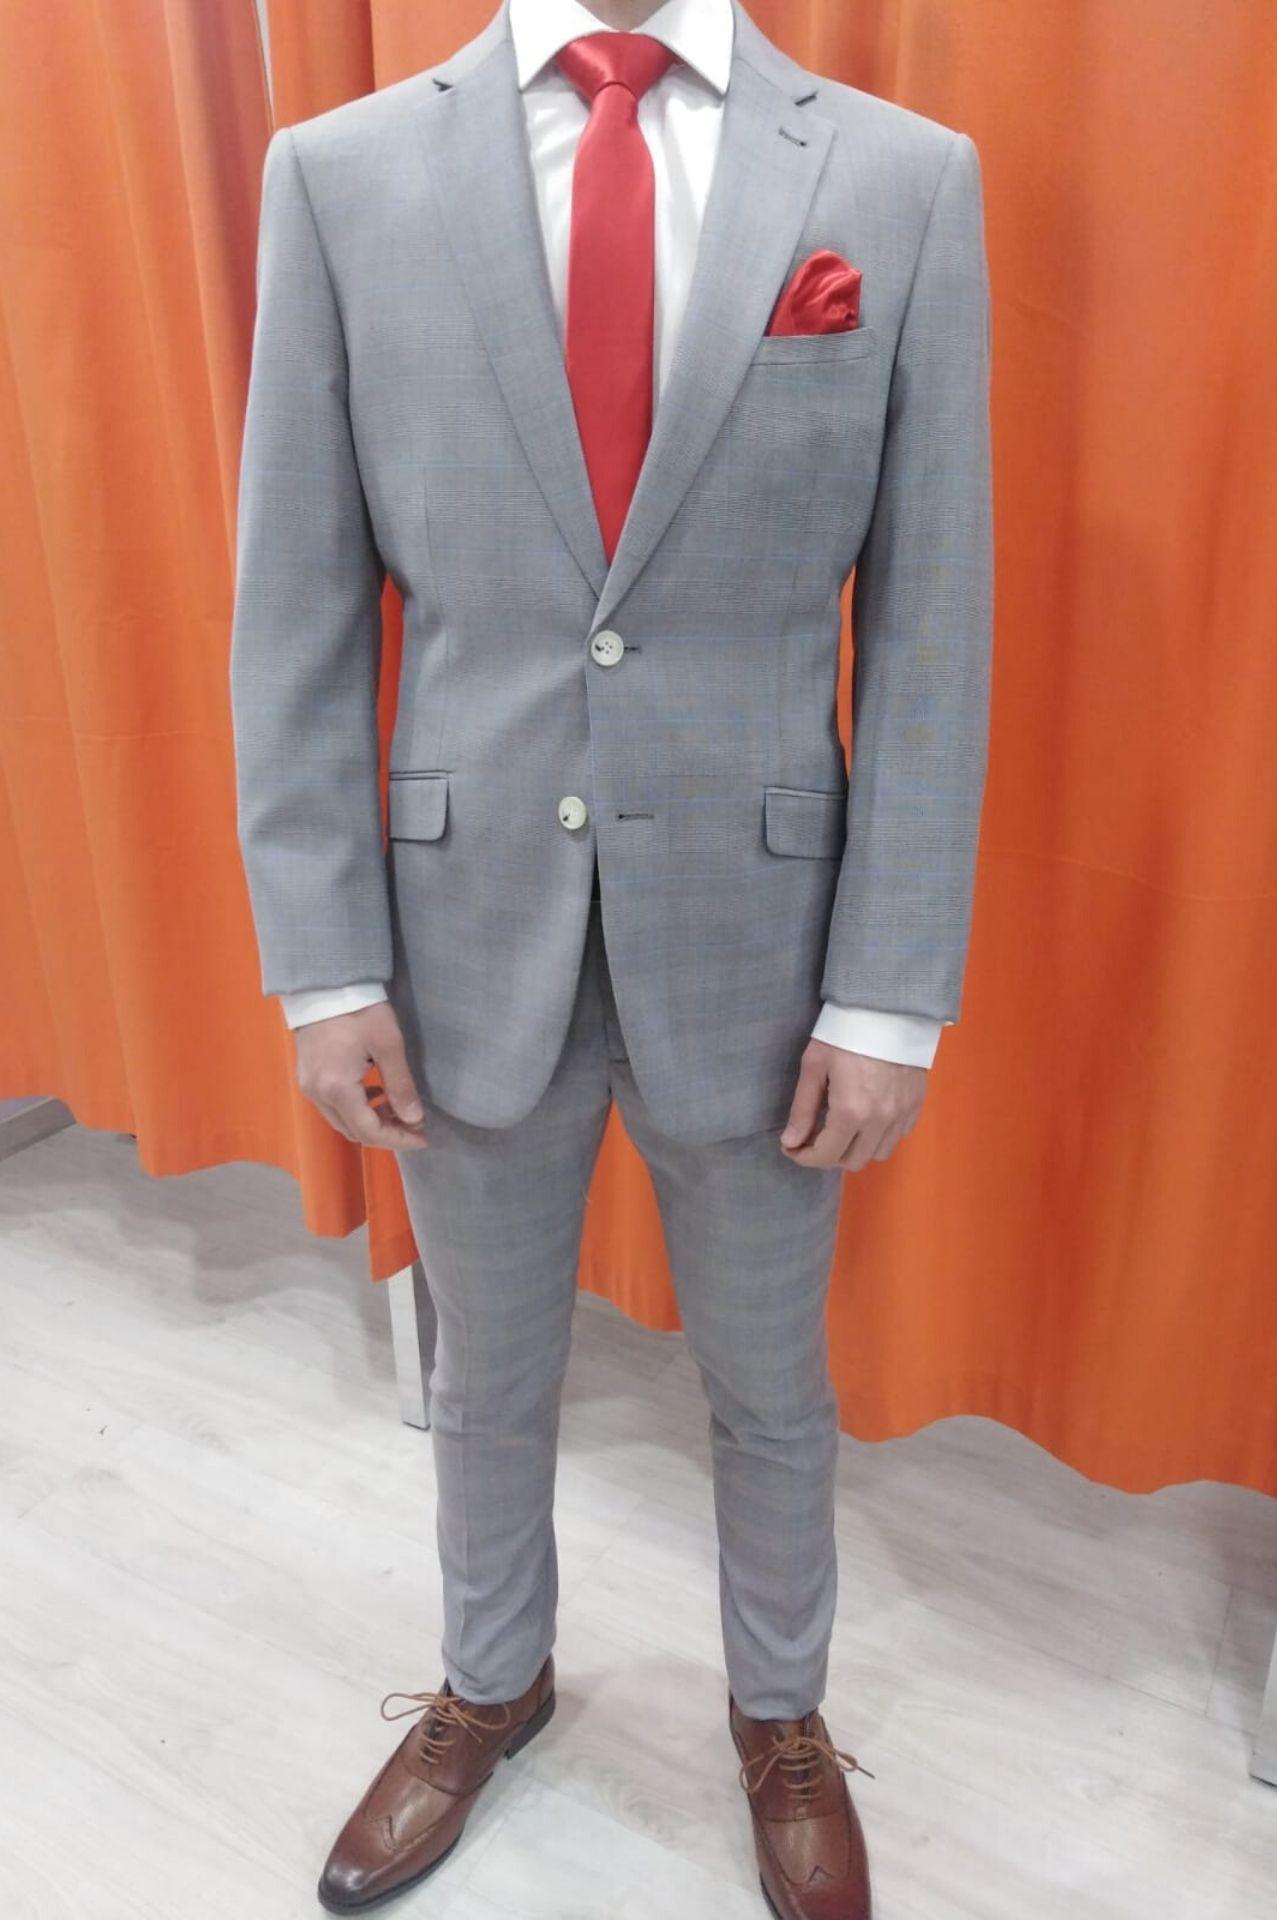 traje-cuadro-de-gales-gris-trd-03-1